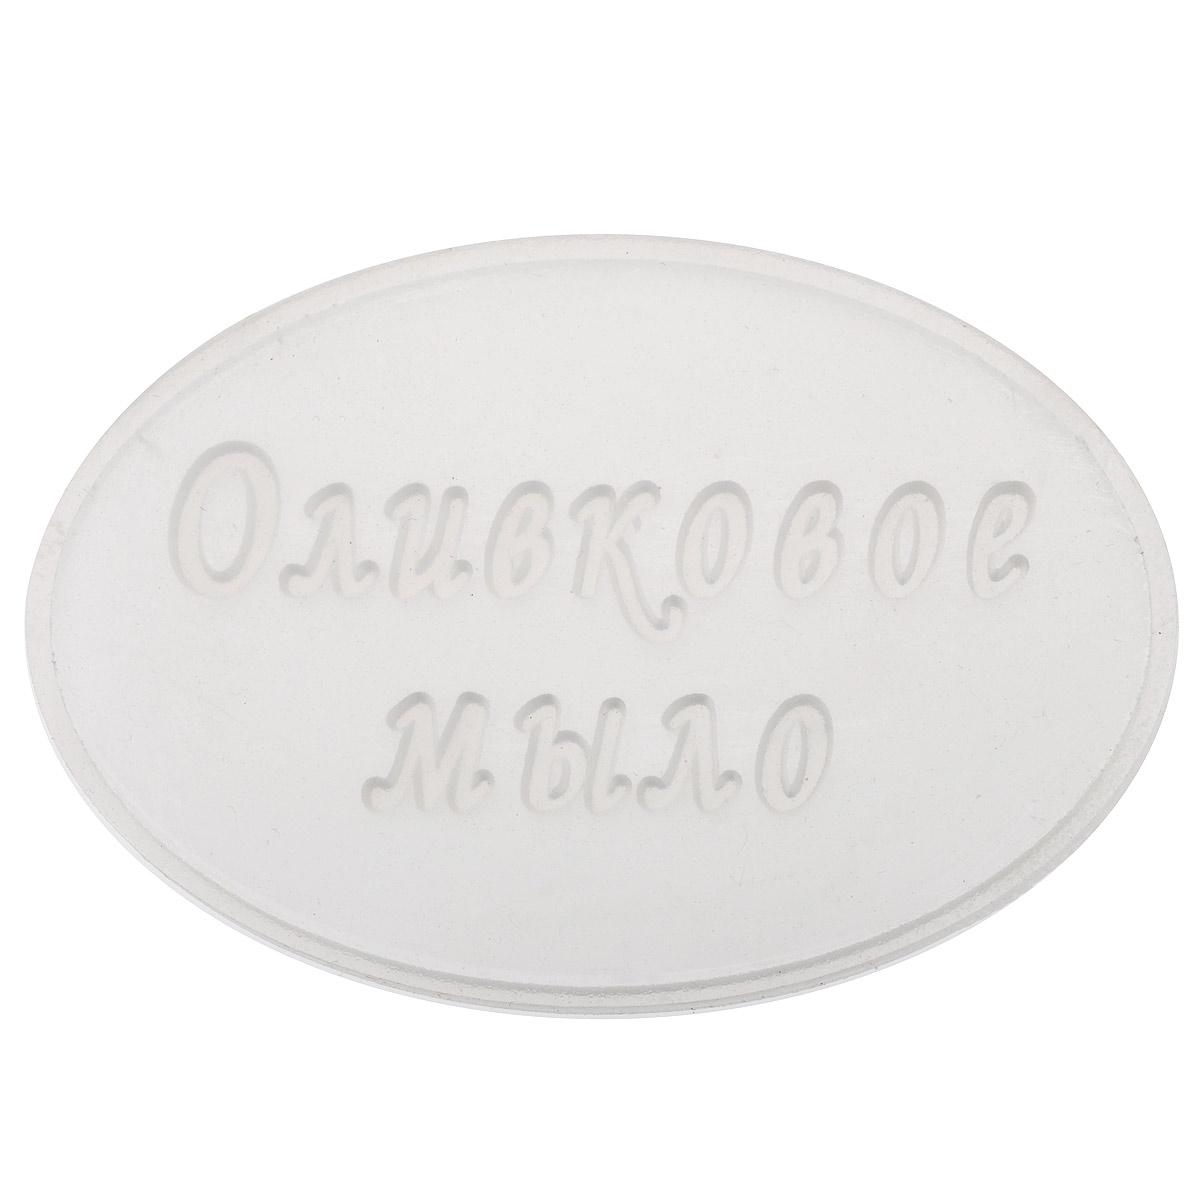 Штамп для мыла Выдумщики Оливковое мыло, 5 х 3,3 см2700770022285Штамп для мыла Выдумщики Оливковое мыло, изготовленный из силикона в форме овала, это прекрасный способ разнообразить кусочек мыла. Силиконовые штампы изготавливаются по современным технологиям, поэтому они получаются пластичными и гладкими, с ровными краями, что существенно облегчает работу любителям домашнего скрапбукинга, мыловарения и декупажа. Инструкция по применению: - Уложите штамп в форму; - Залейте мыльной основой; - После полного застывания, выньте мыло из формы и удалите штамп. Размер штампа: 5 см х 3,3 см.